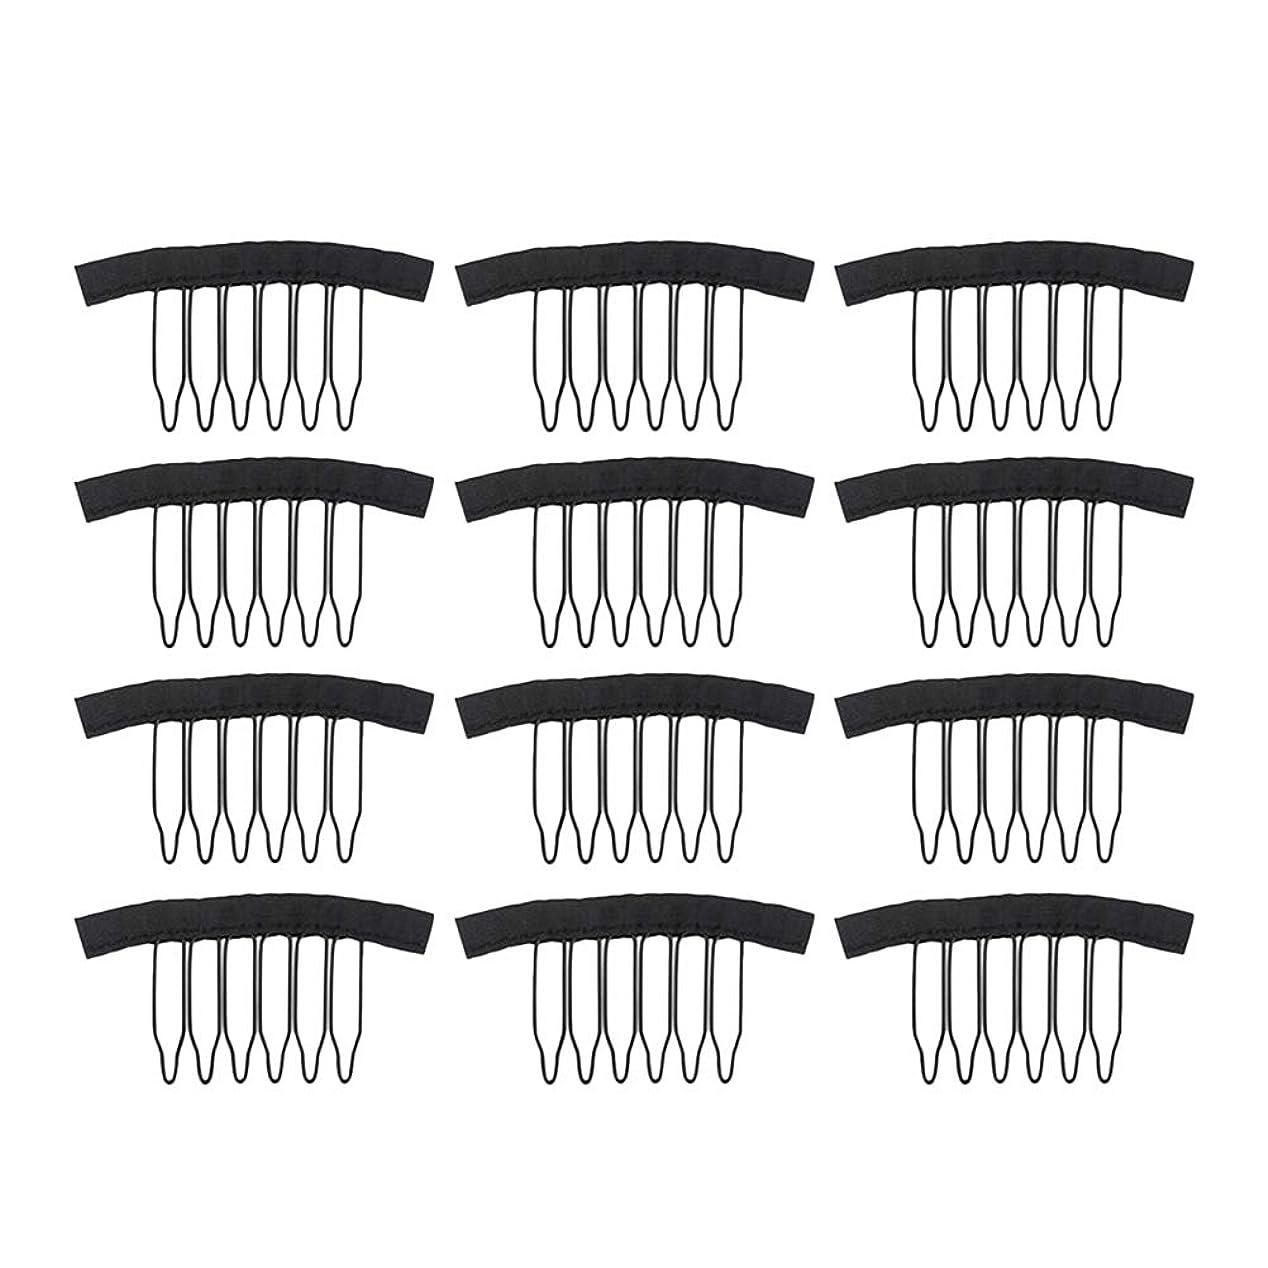 放射するベーリング海峡敵意Lurrose レースのかつらの帽子の毛延長のための12個のステンレス鋼のかつらクリップウィッグの櫛(黒)